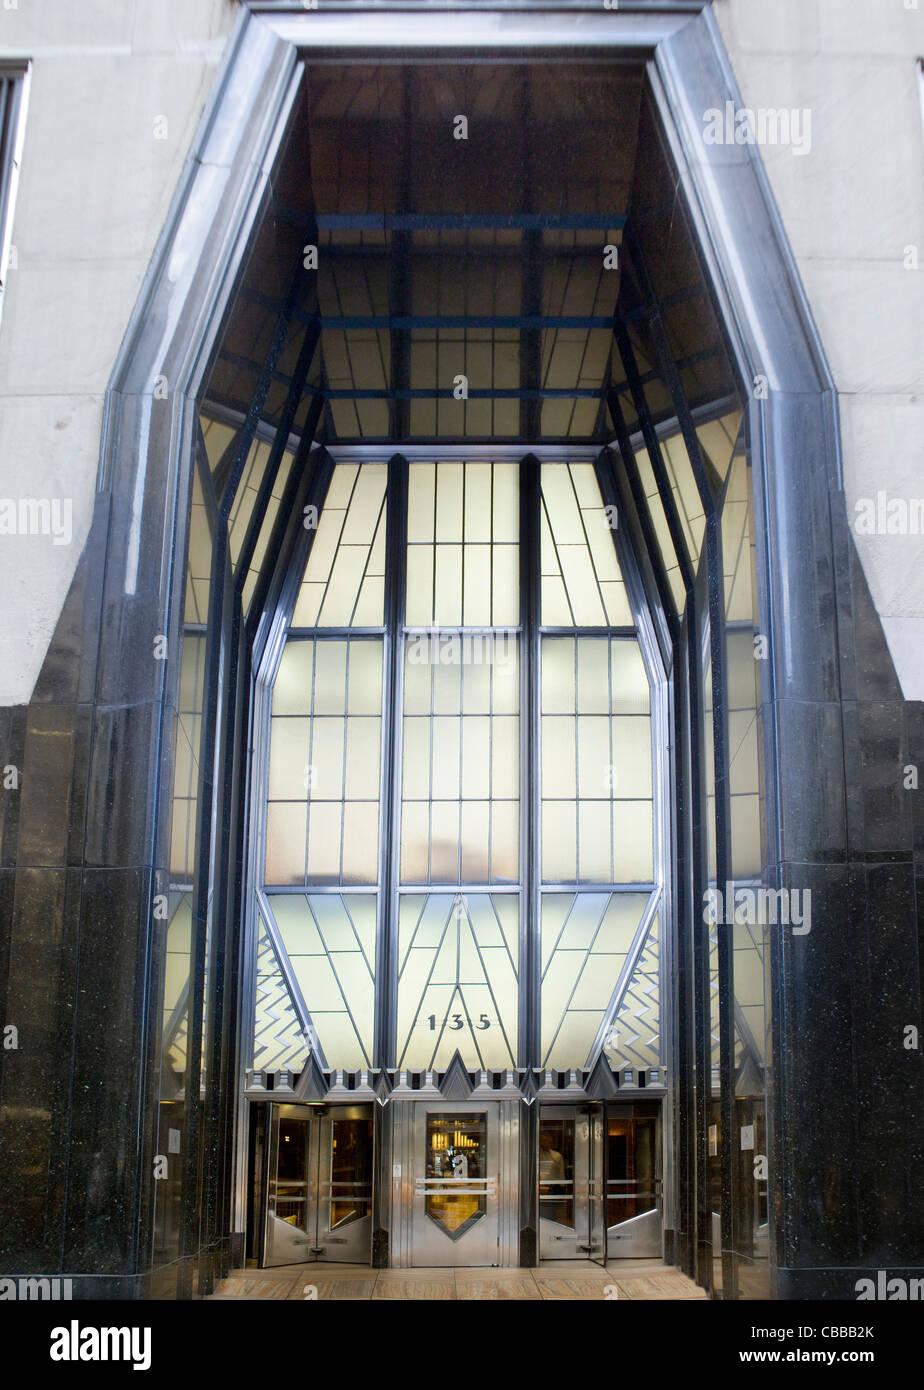 Art Deco doorway to the Chrysler Building in New York. Designed by William van Alen, 1928-30 Art Deco moderne - Stock Image